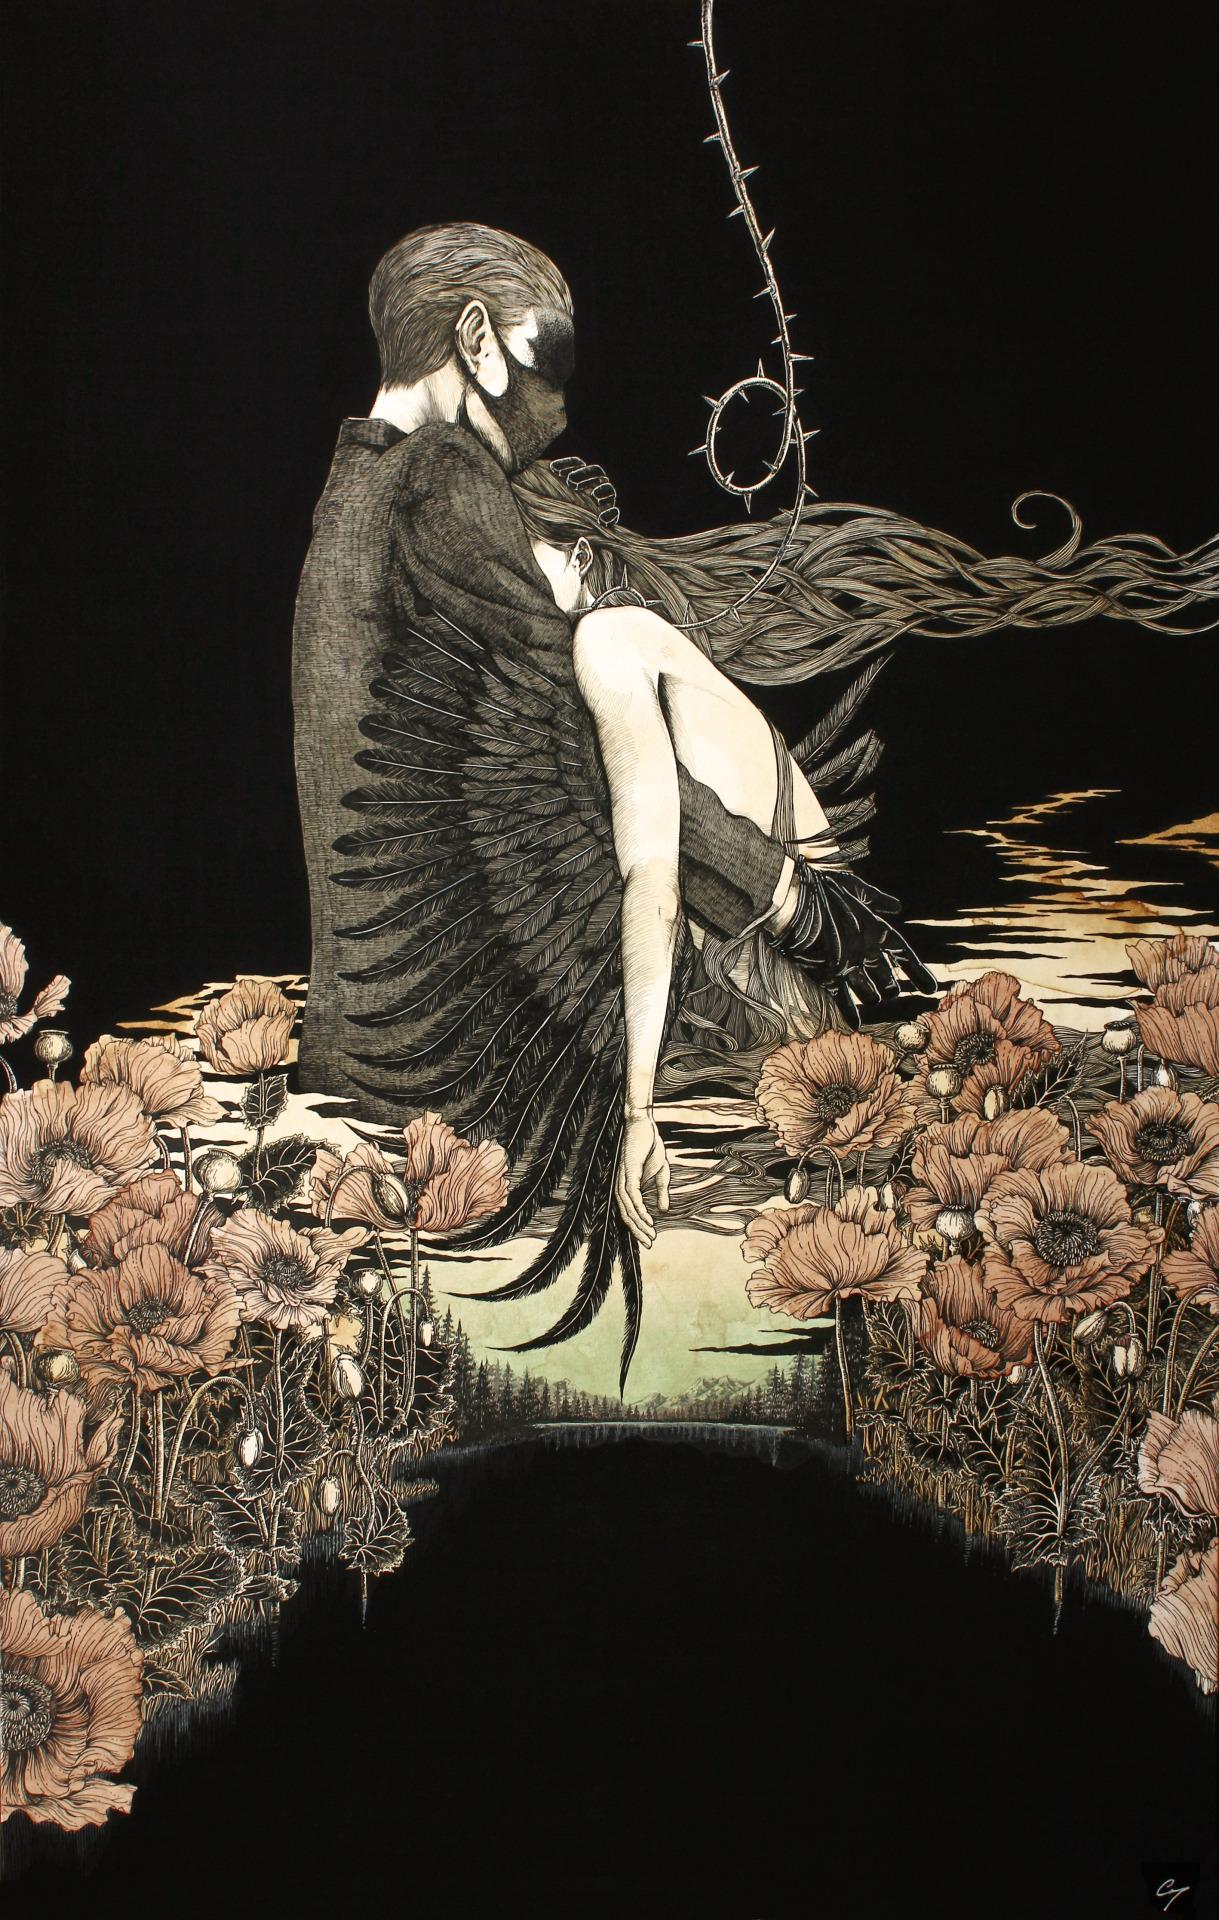 Hiroko Shiina